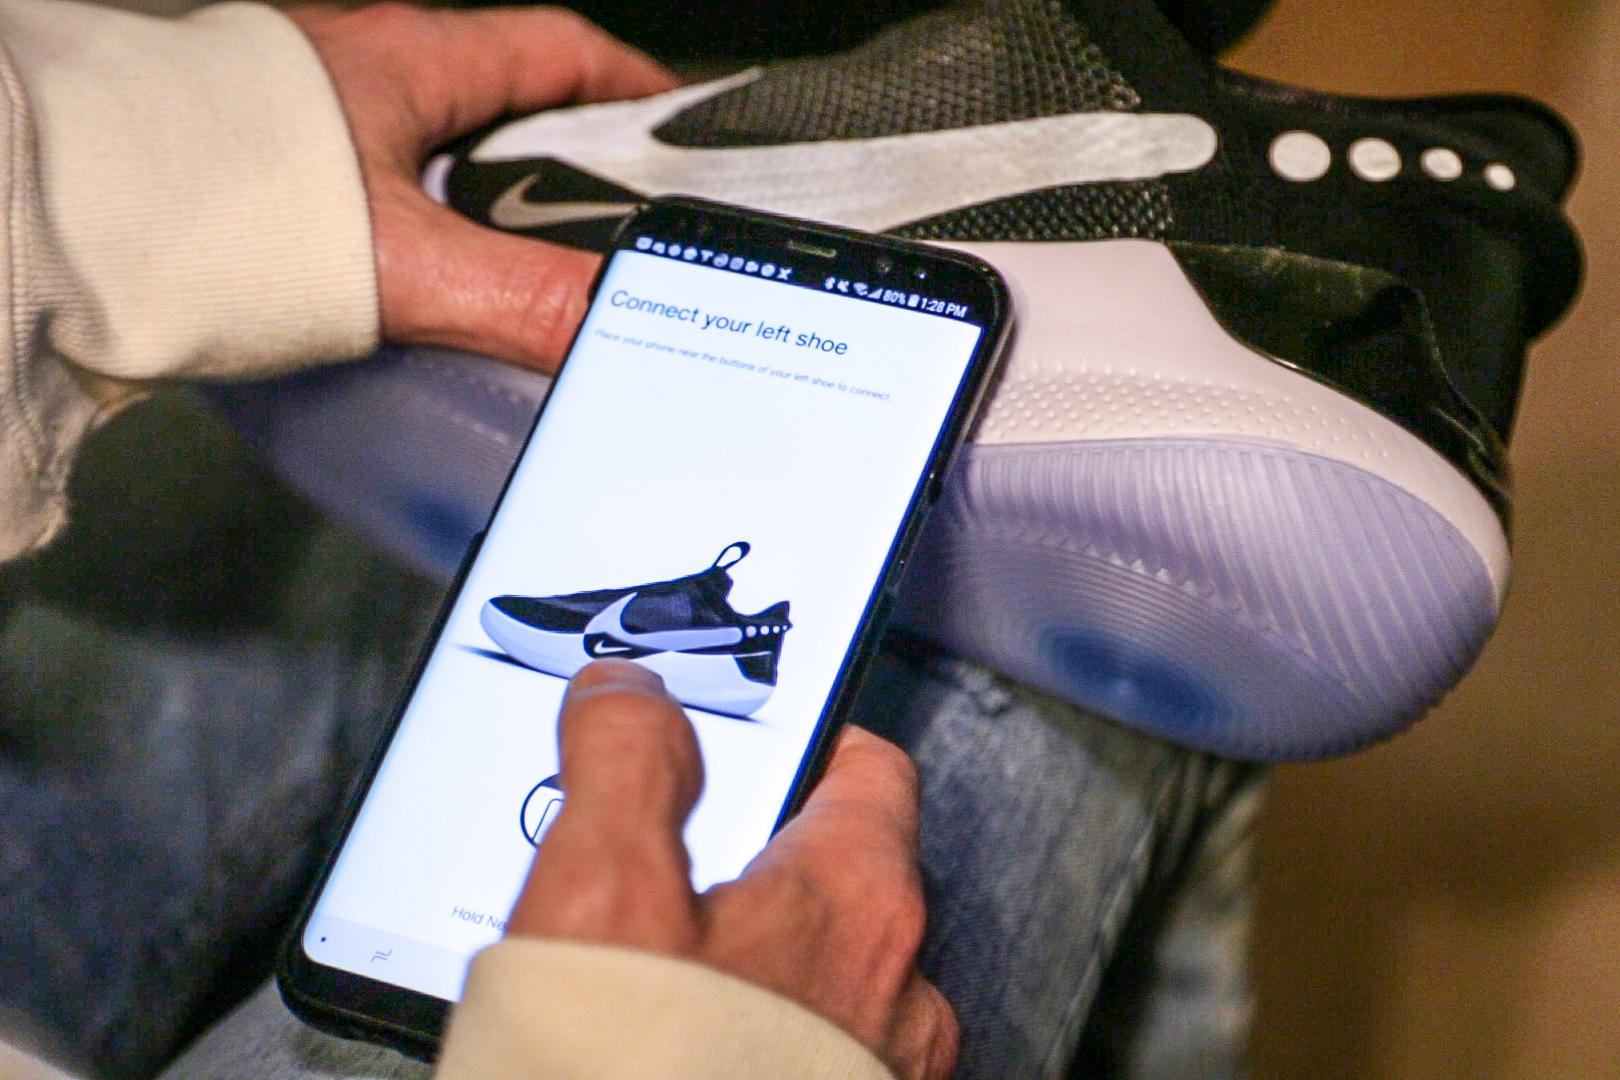 Nike's self-lacing Adapt BB sneakers